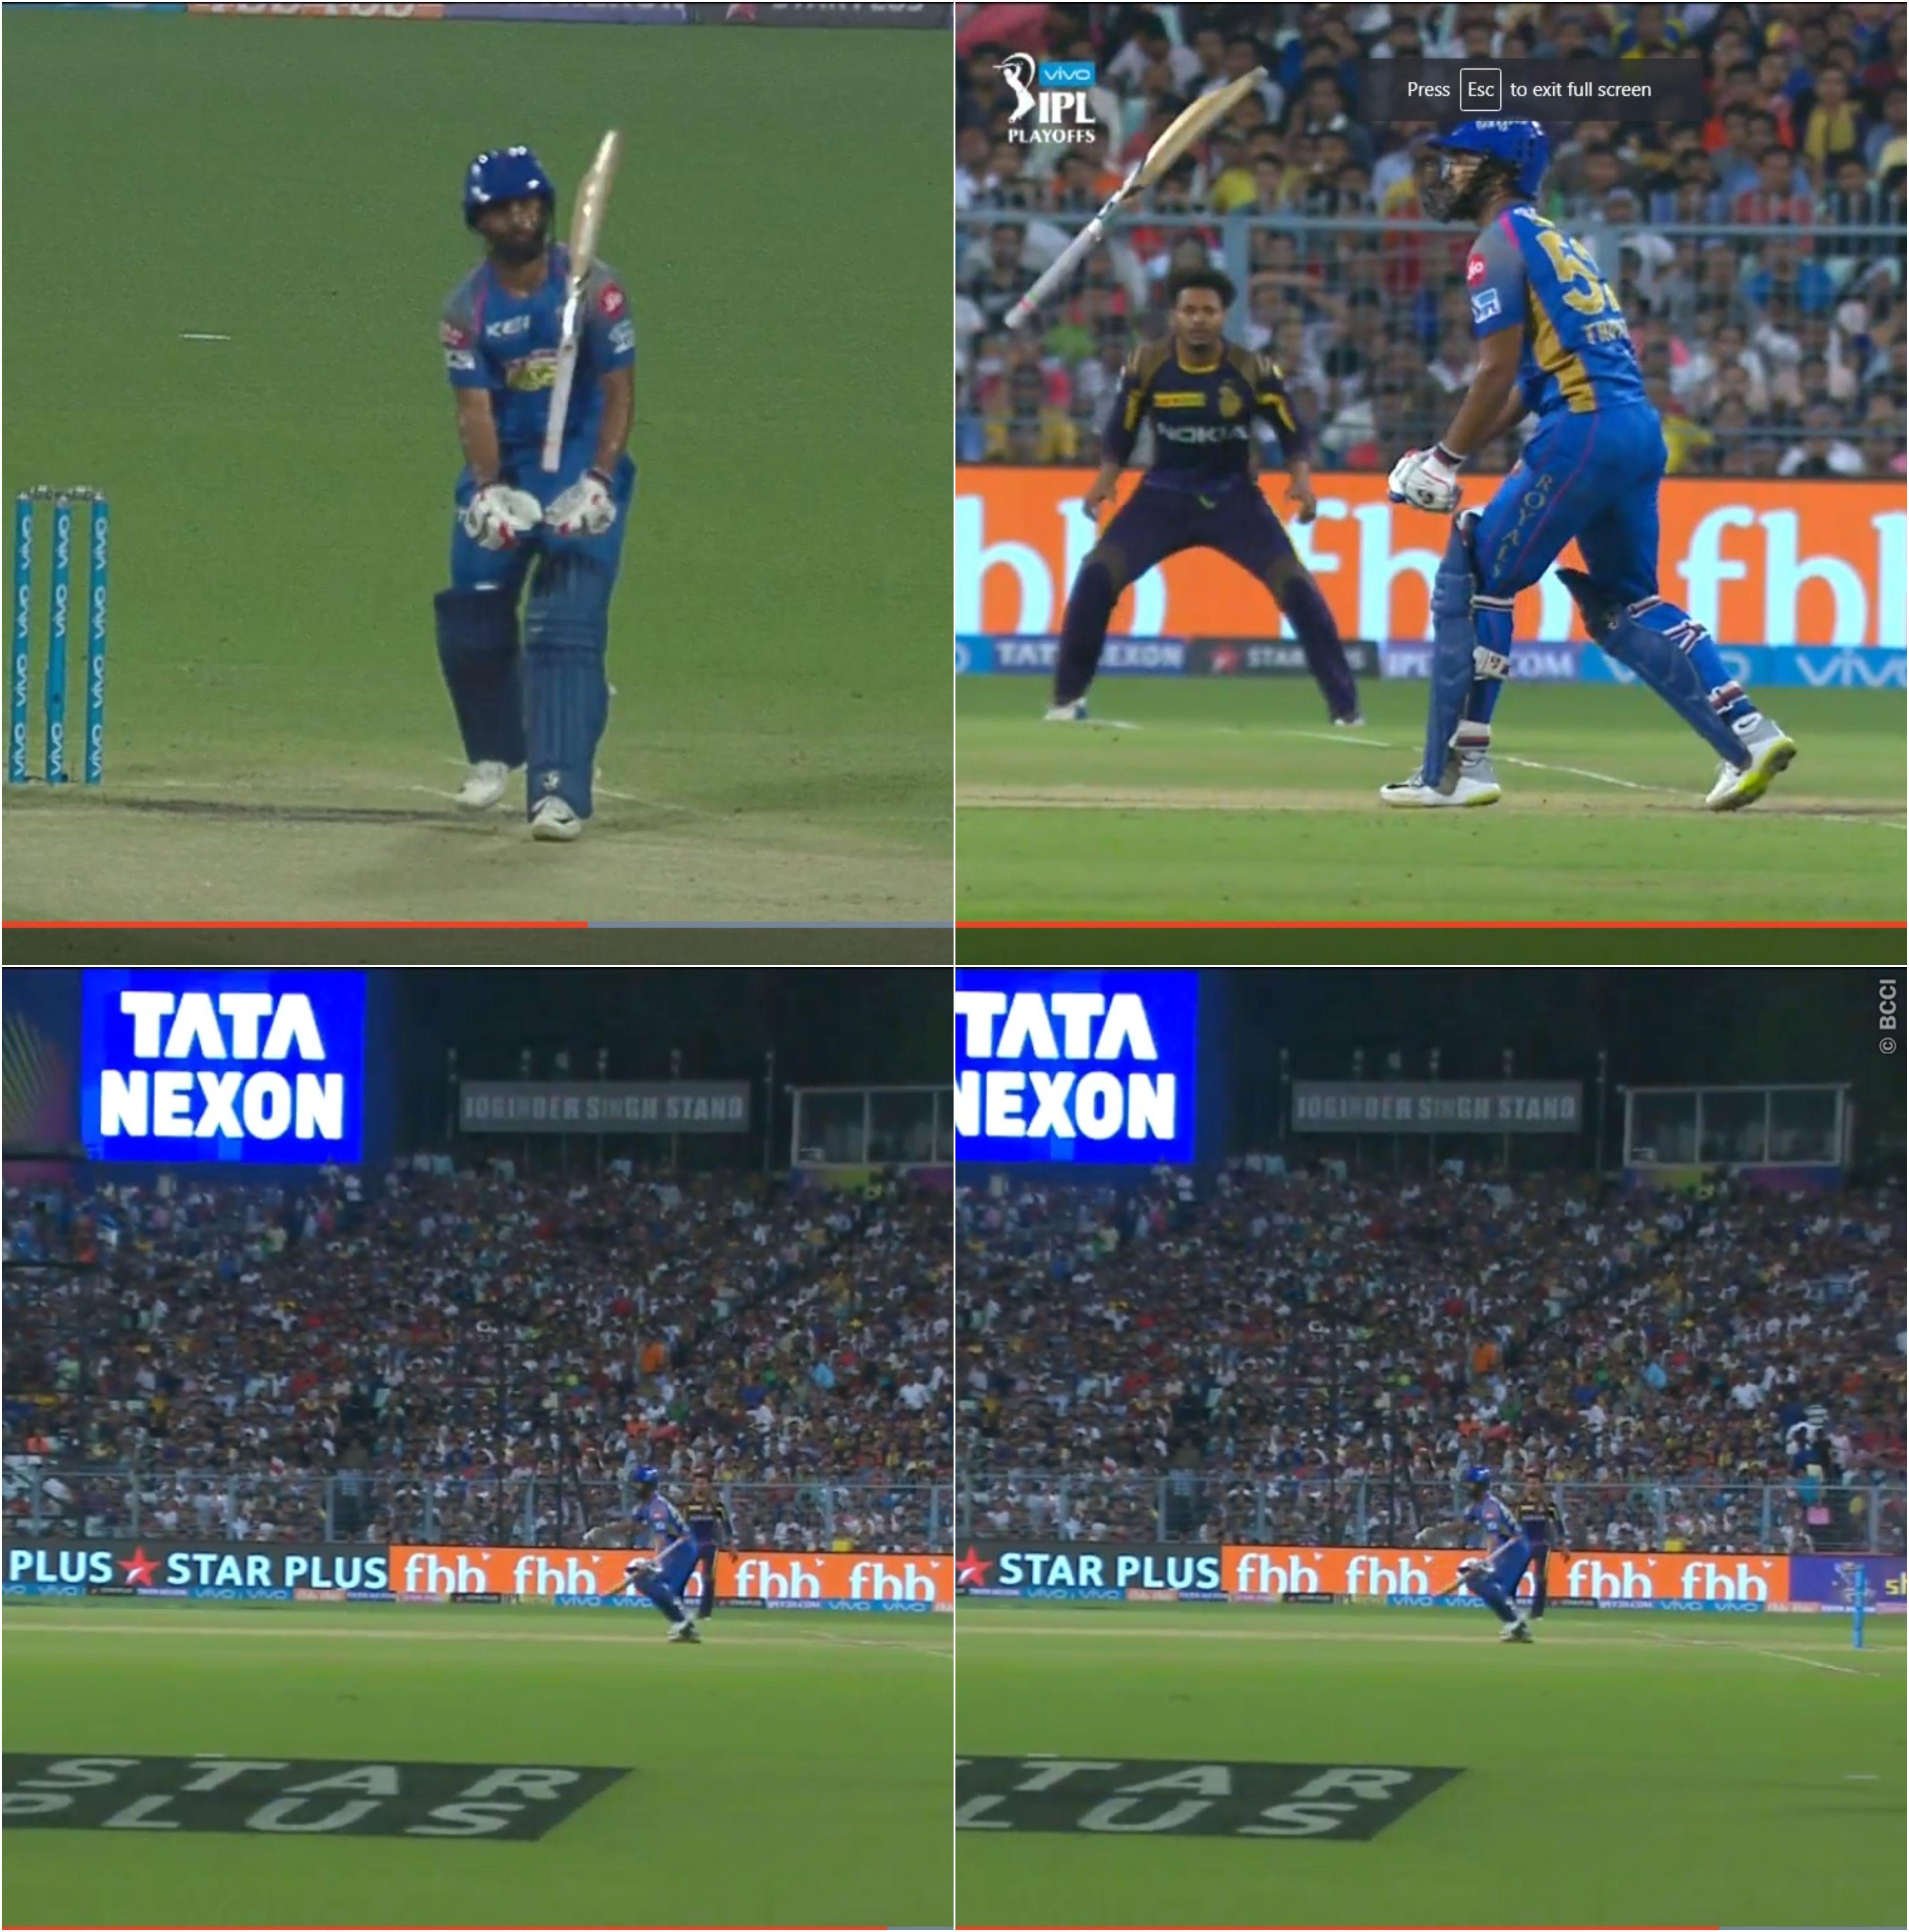 वीडियो : बल्लेबाजी करते हुए राहुल त्रिपाठी छोड़ बैठे अपना बैट, अंपायर समेत सभी हुए हैरान 24